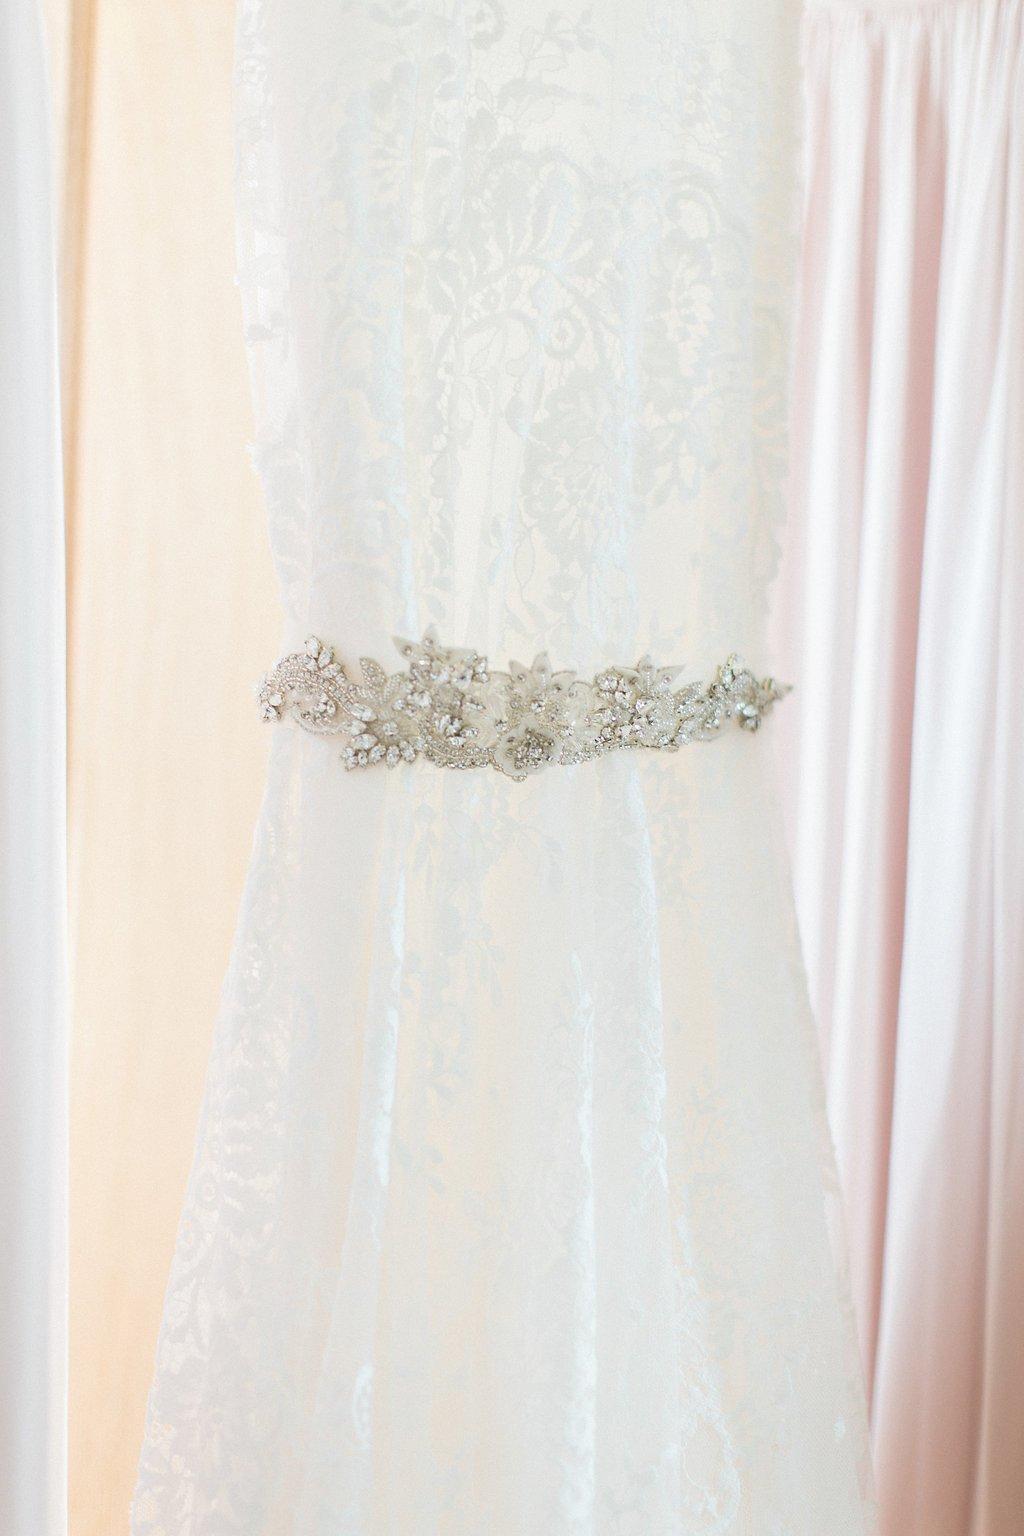 Close up of wedding dress belt detail